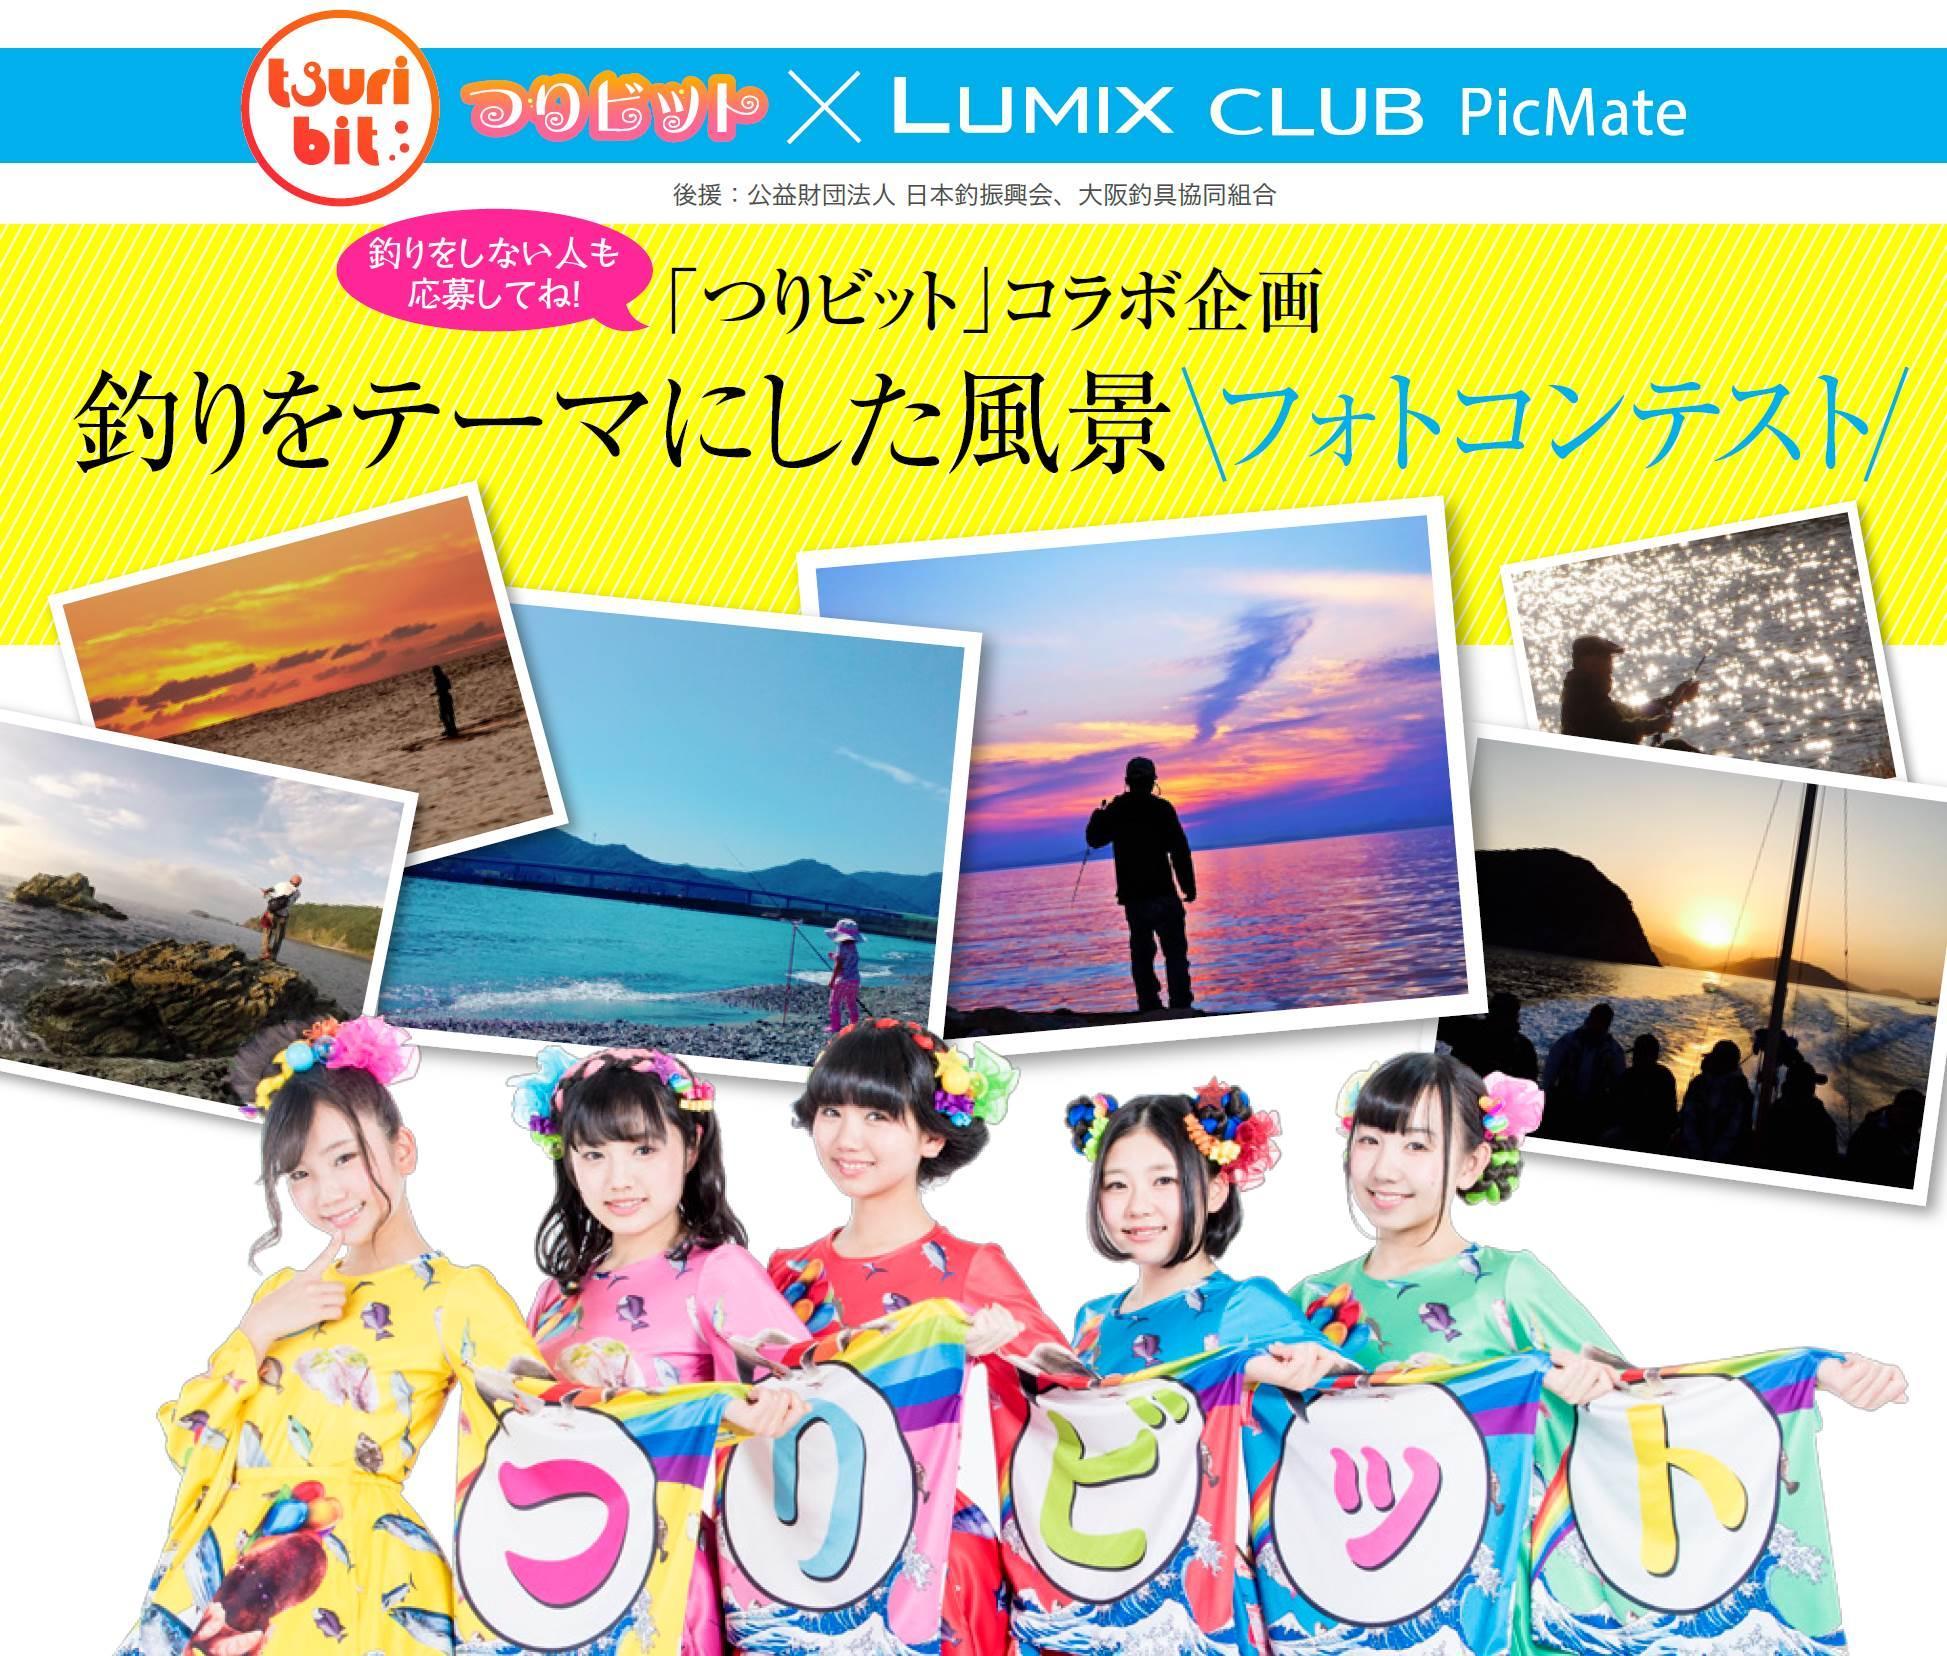 フォトコンテスト「釣りをテーマにした風景」を実施 -  「LUMIX CLUB PicMate」